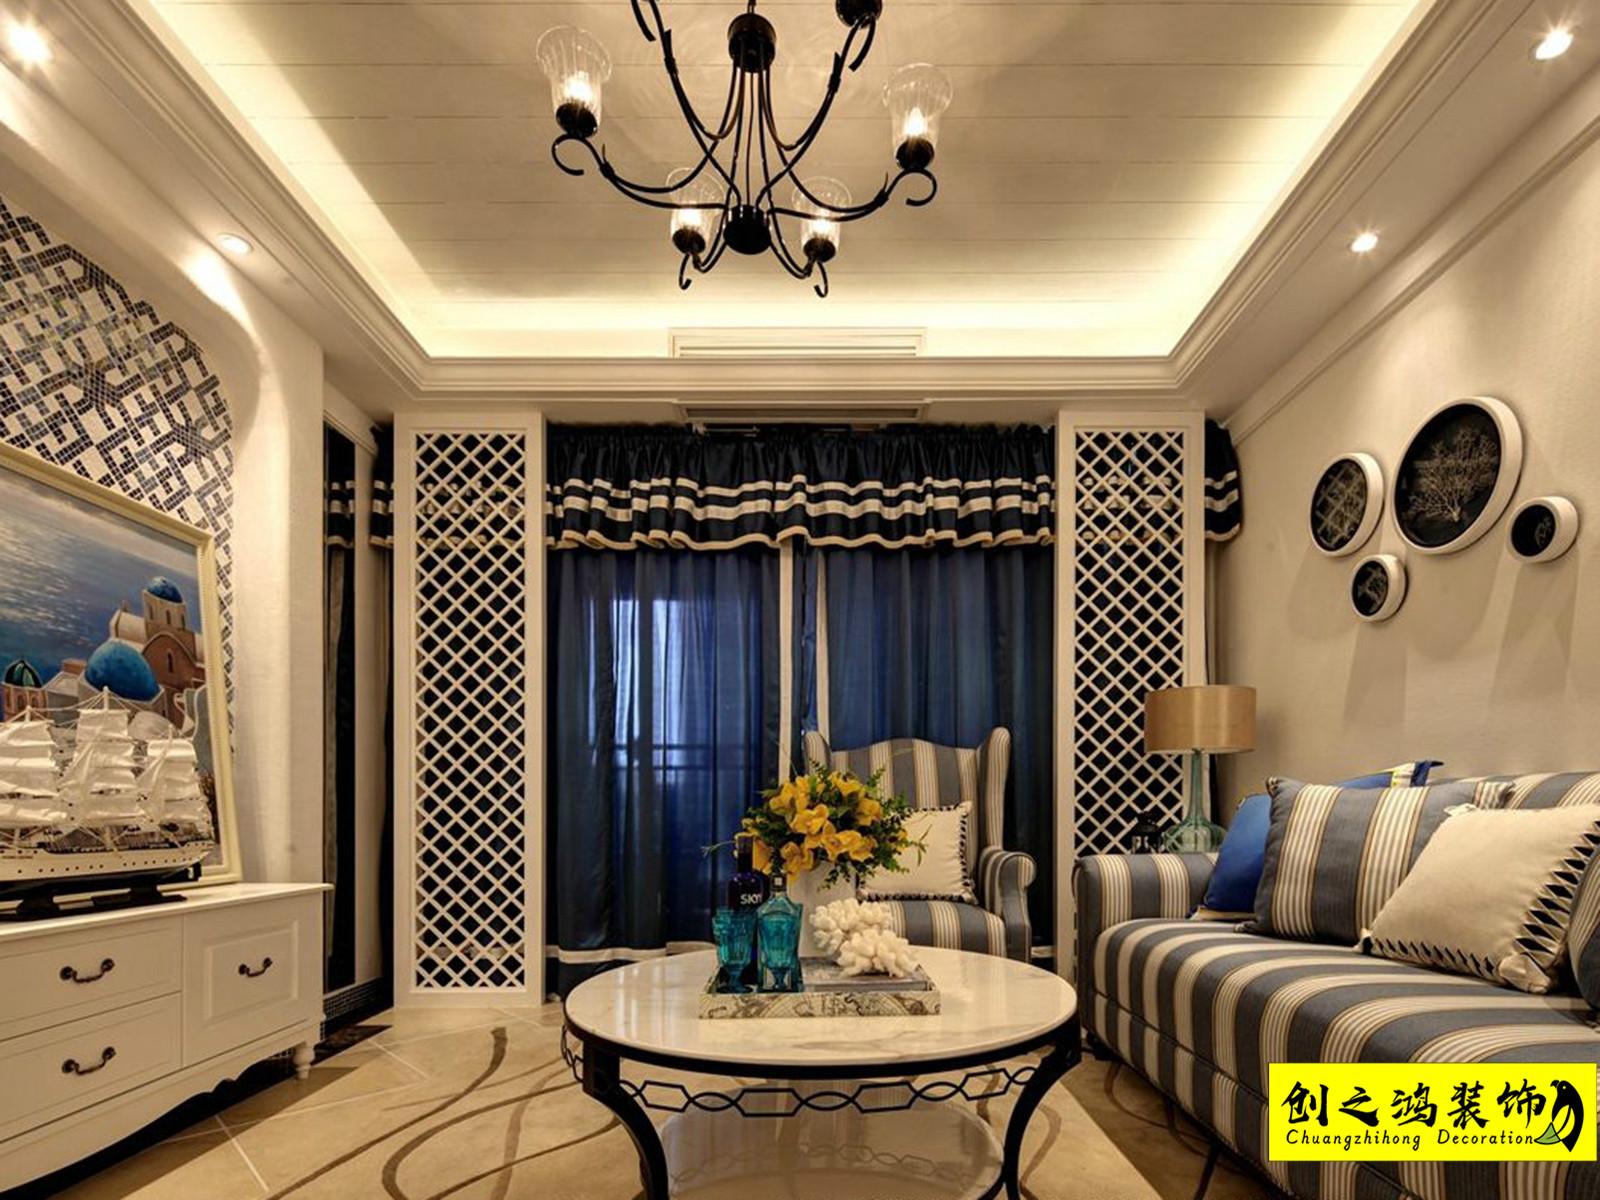 124㎡融创中心三室两厅地中海风格装修效果图